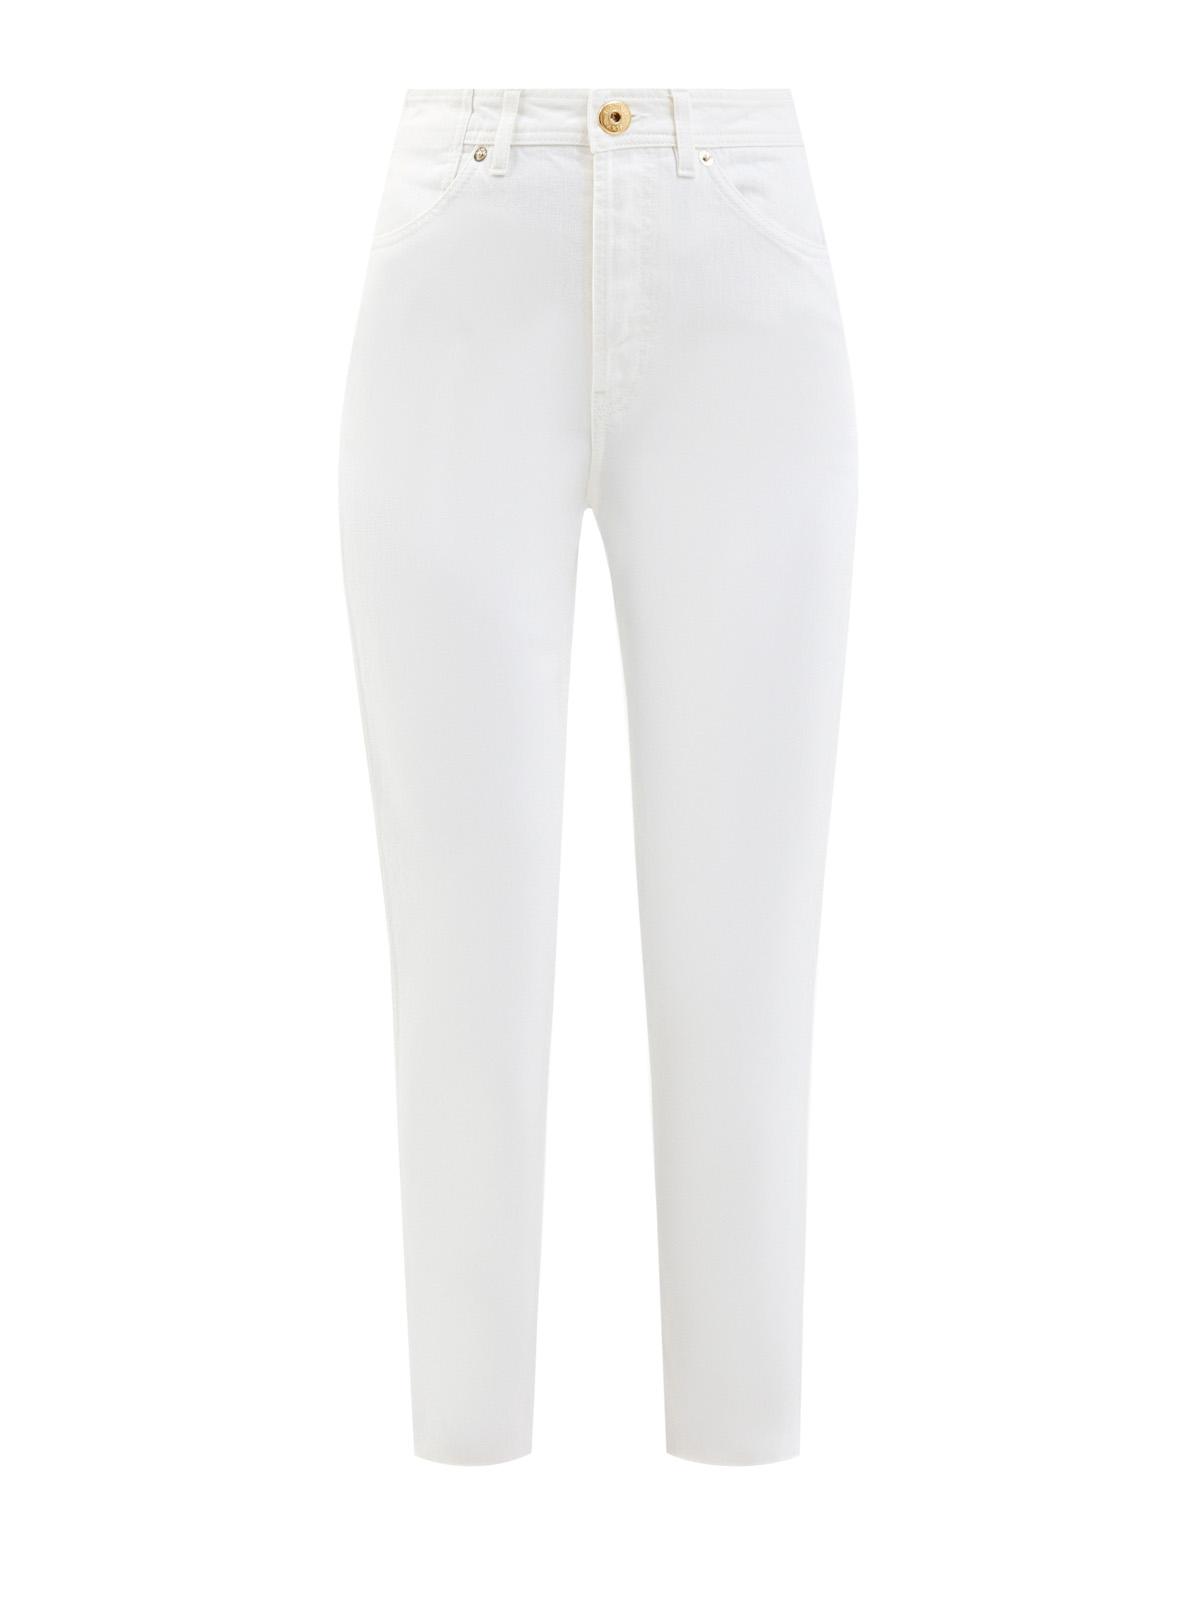 Белые джинсы-slim с фирменной нашивкой на поясе